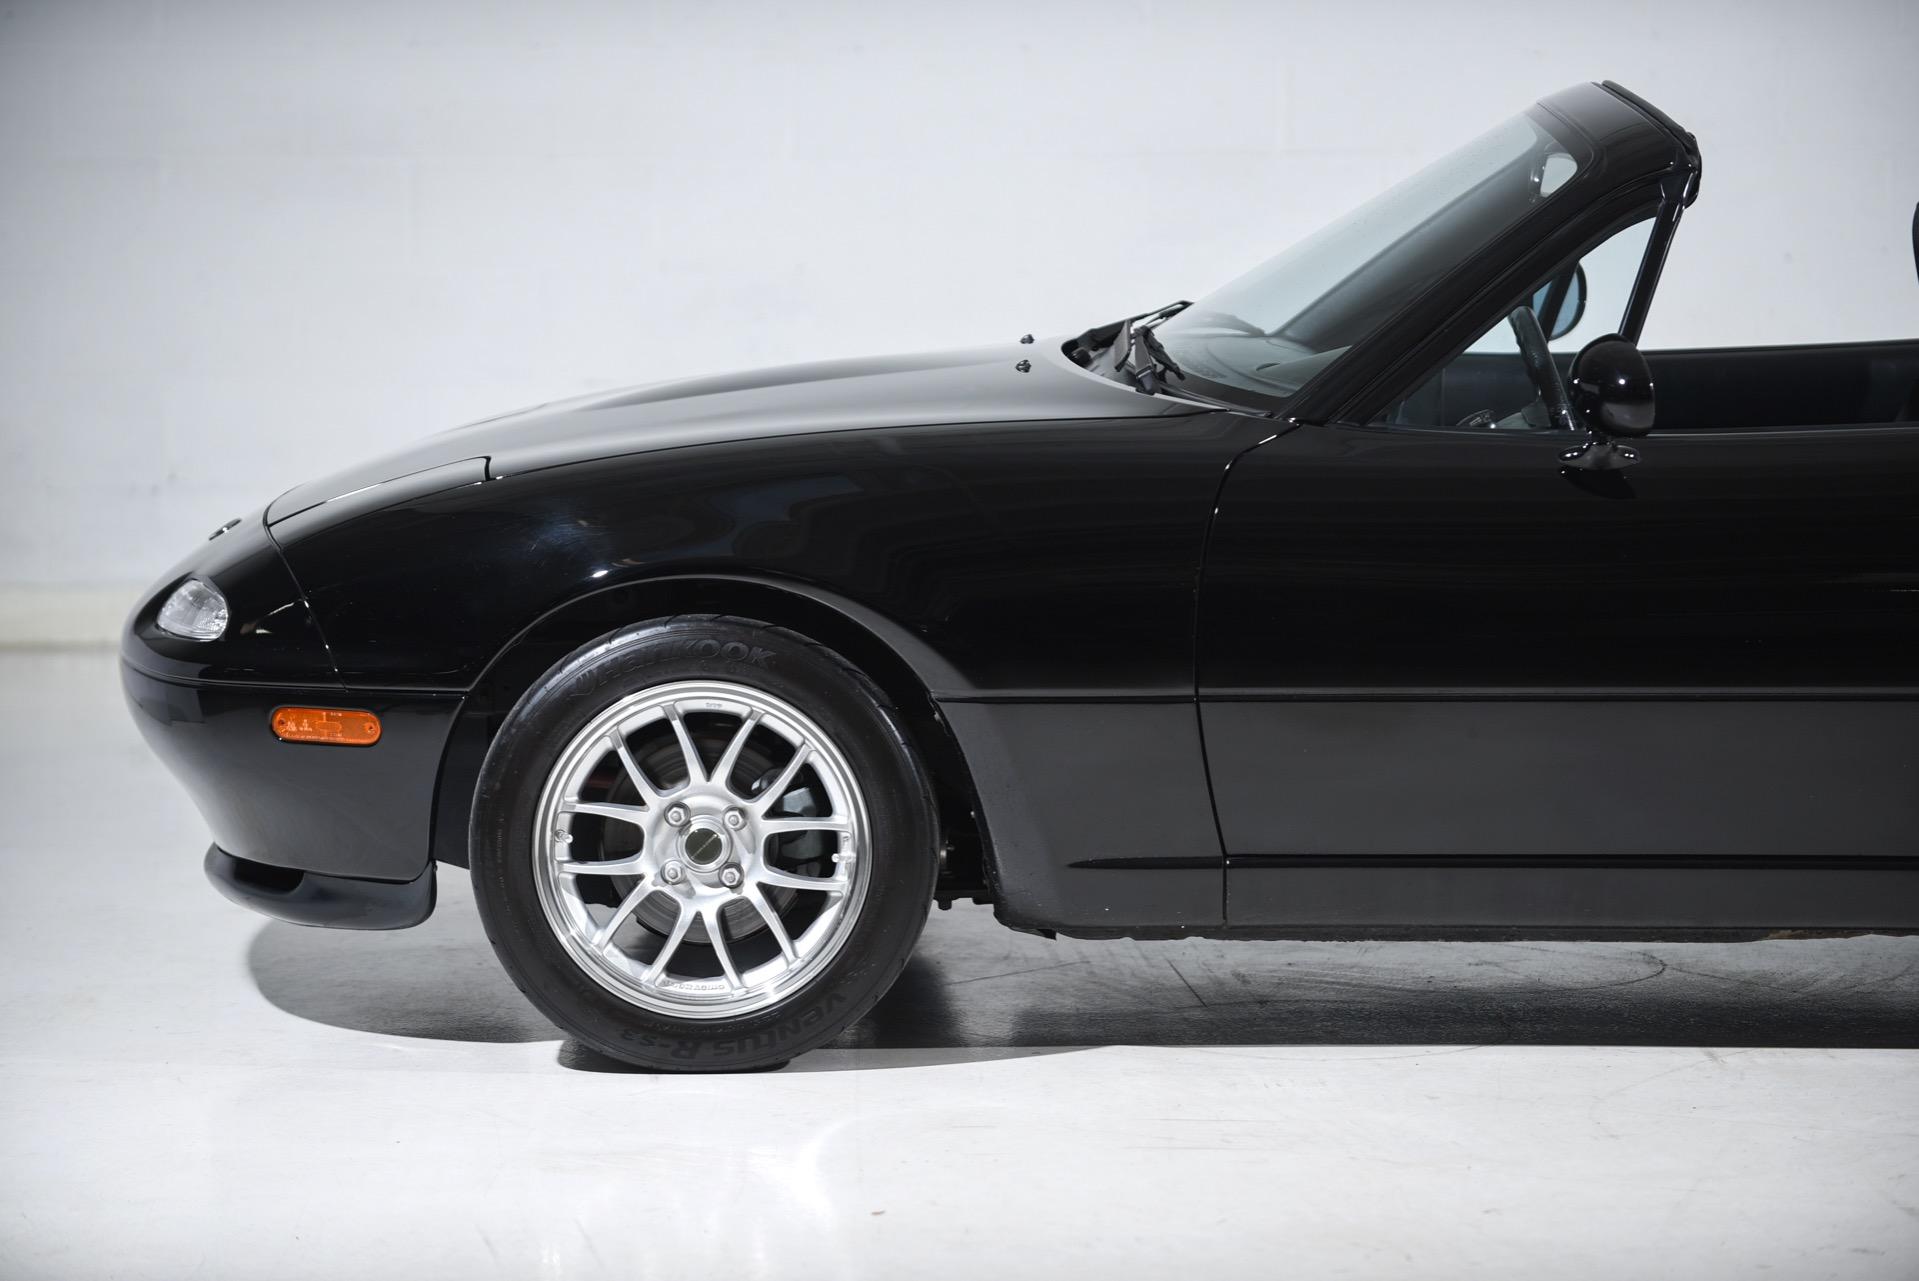 1994 Mazda MX-5 Miata M-Edition